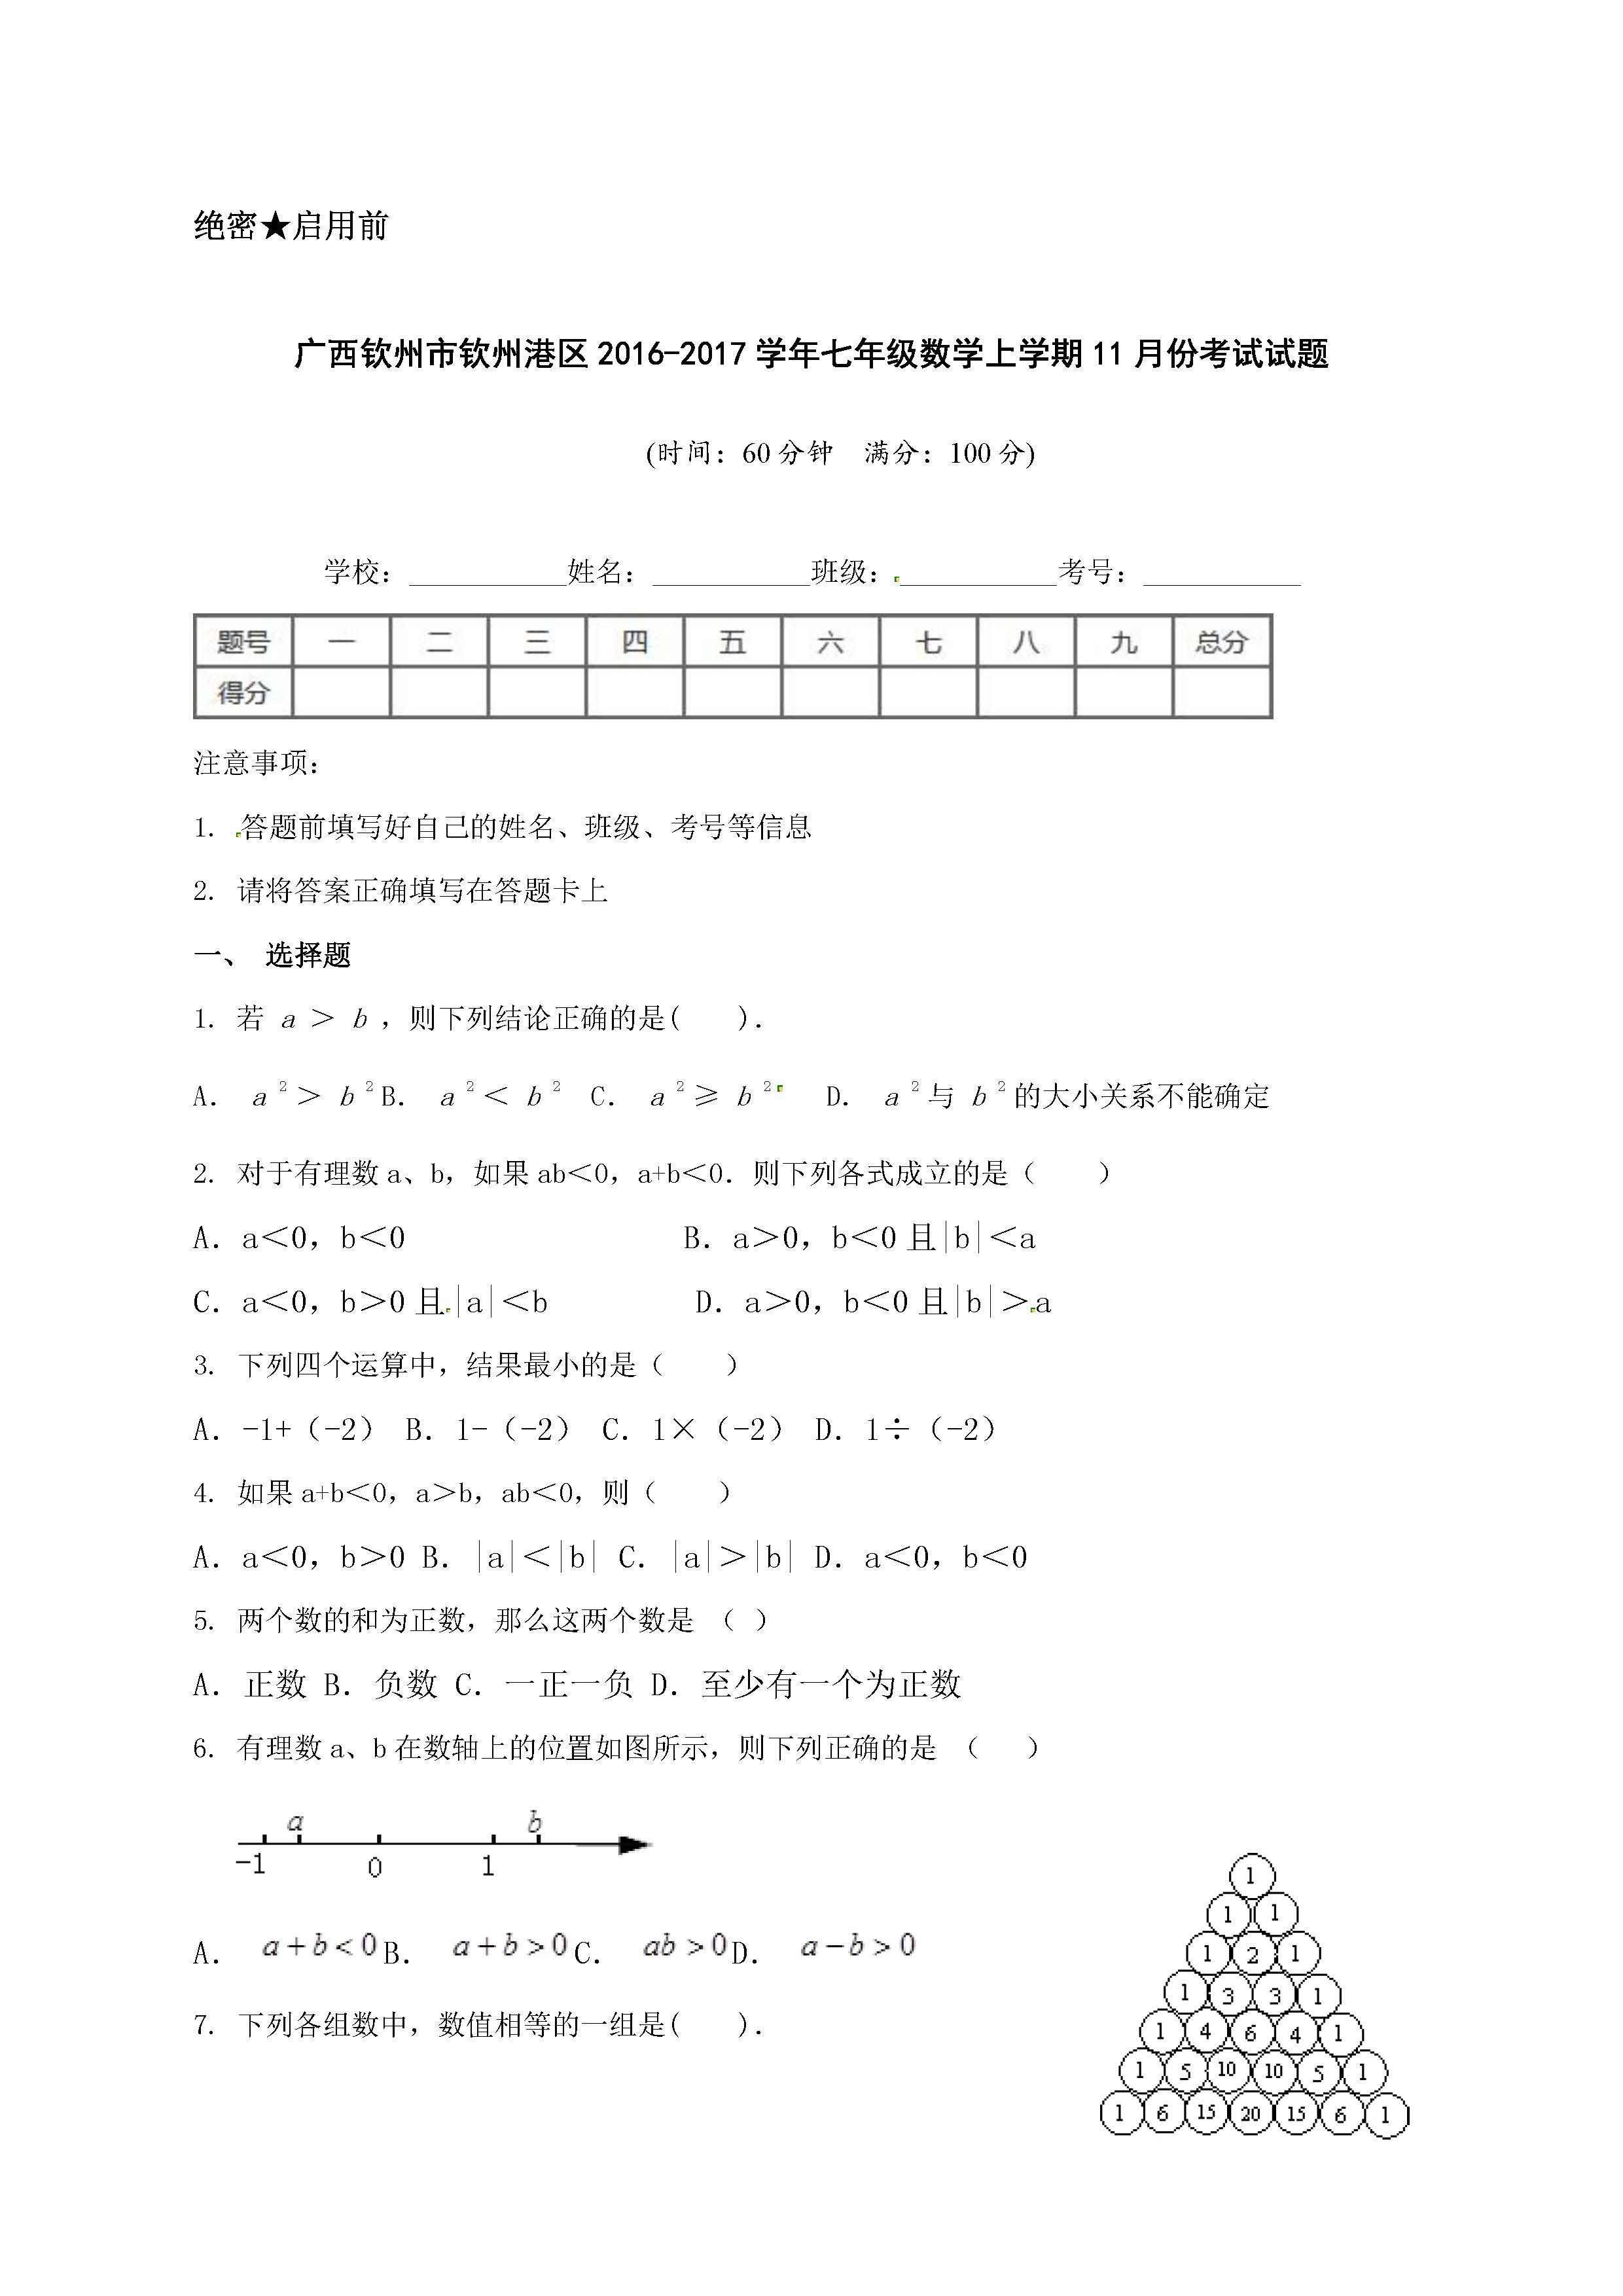 2017钦州港区七年级上11月数学月考试题(含答案)